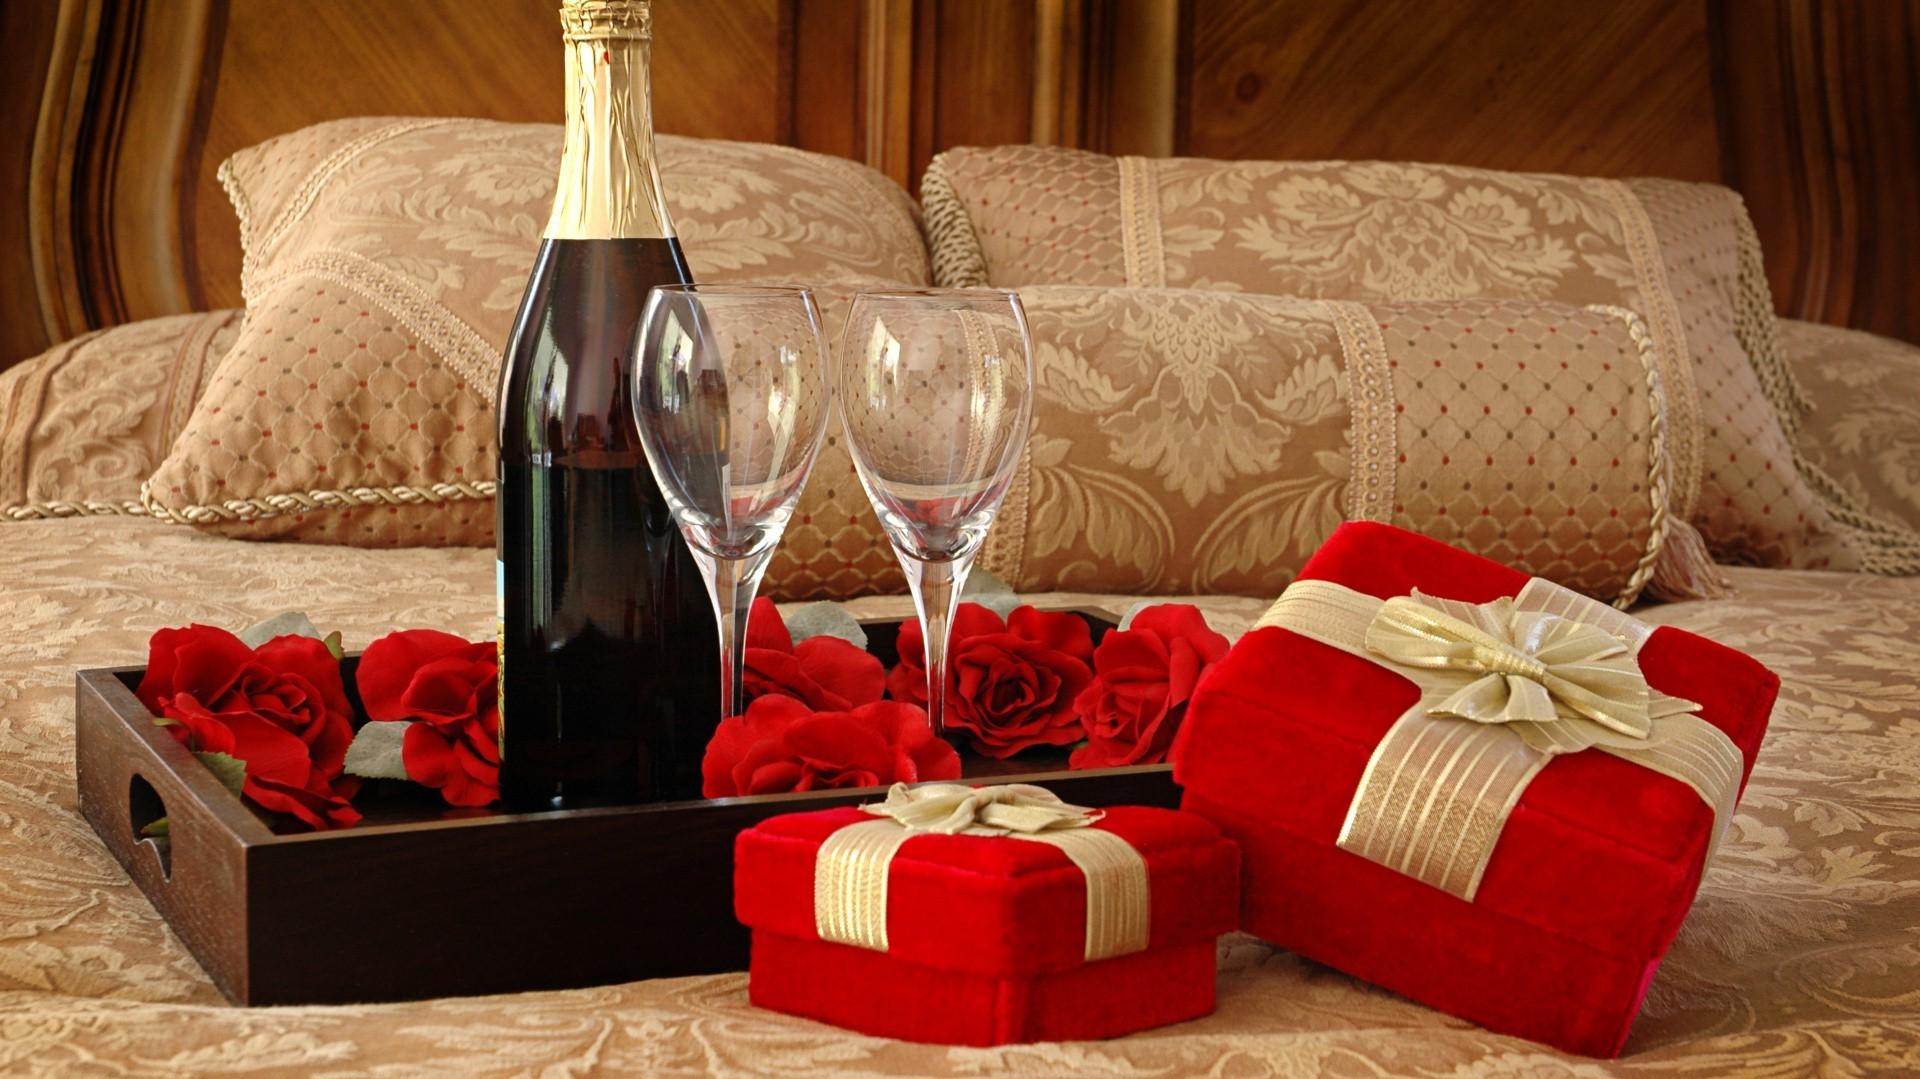 Surprise romantique pour votre chéri.